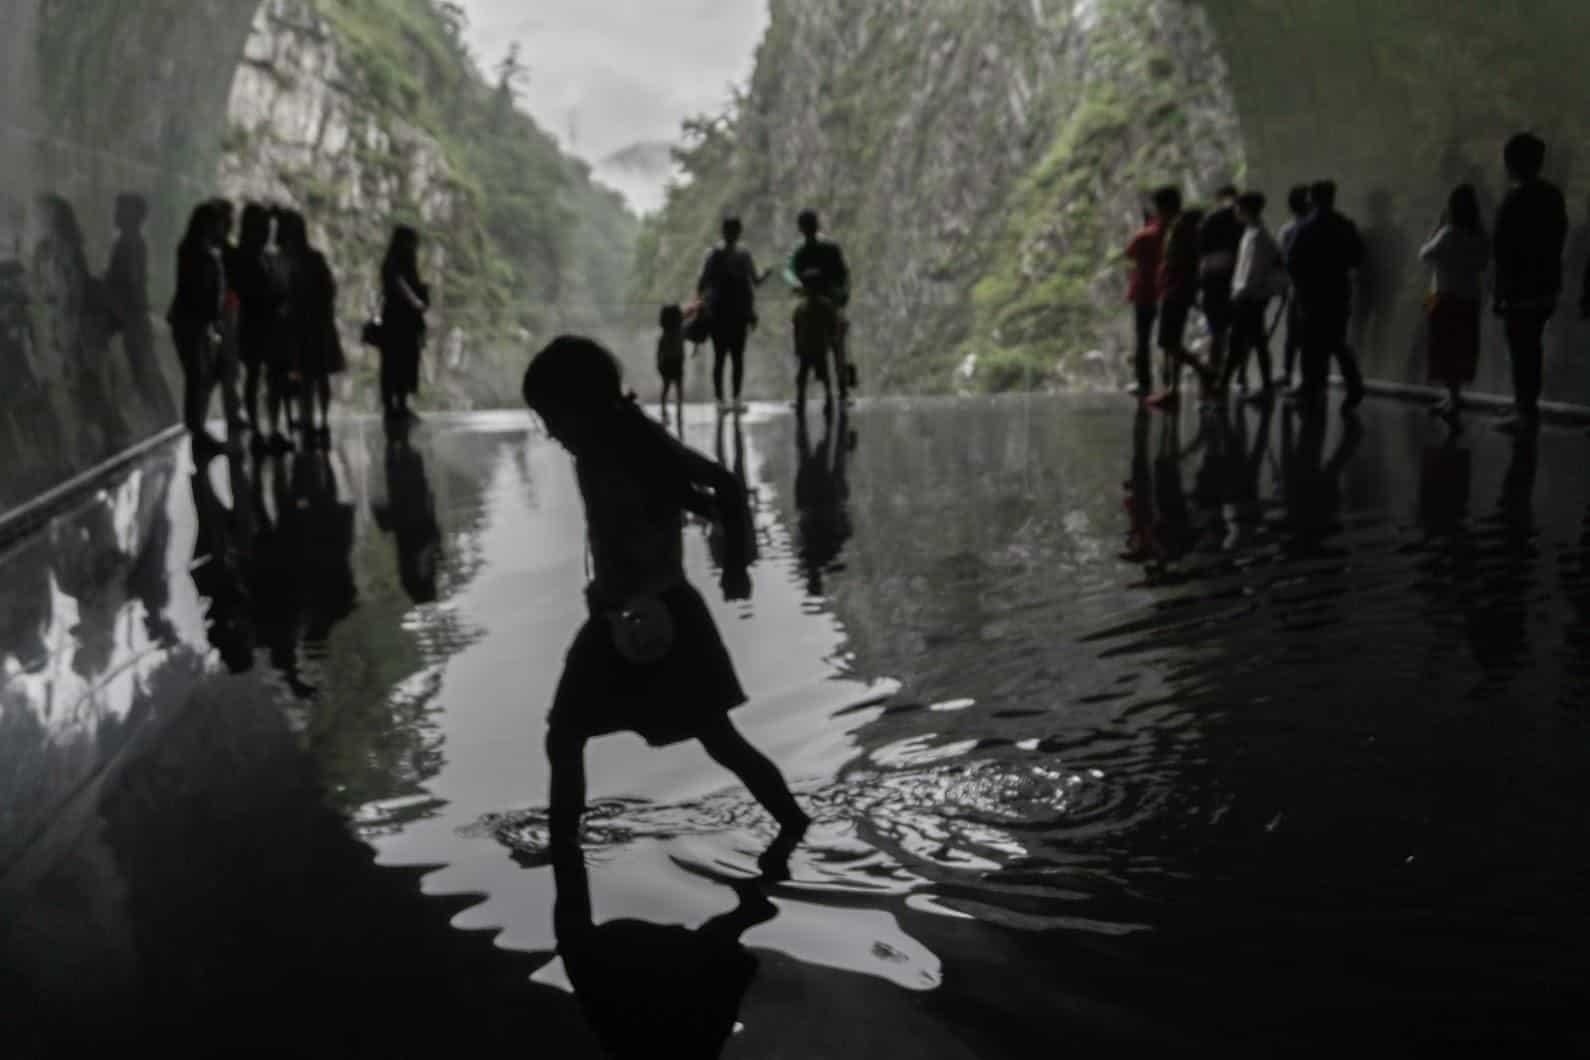 馬岩松,光洞,鏡池—水(第四觀景台),小朋友恣意的水面上玩耍與看風景,但同時他們的行為也變成別人眼中的風景 藝術融於入環境 藝術融於入環境 periscopelight cave 15